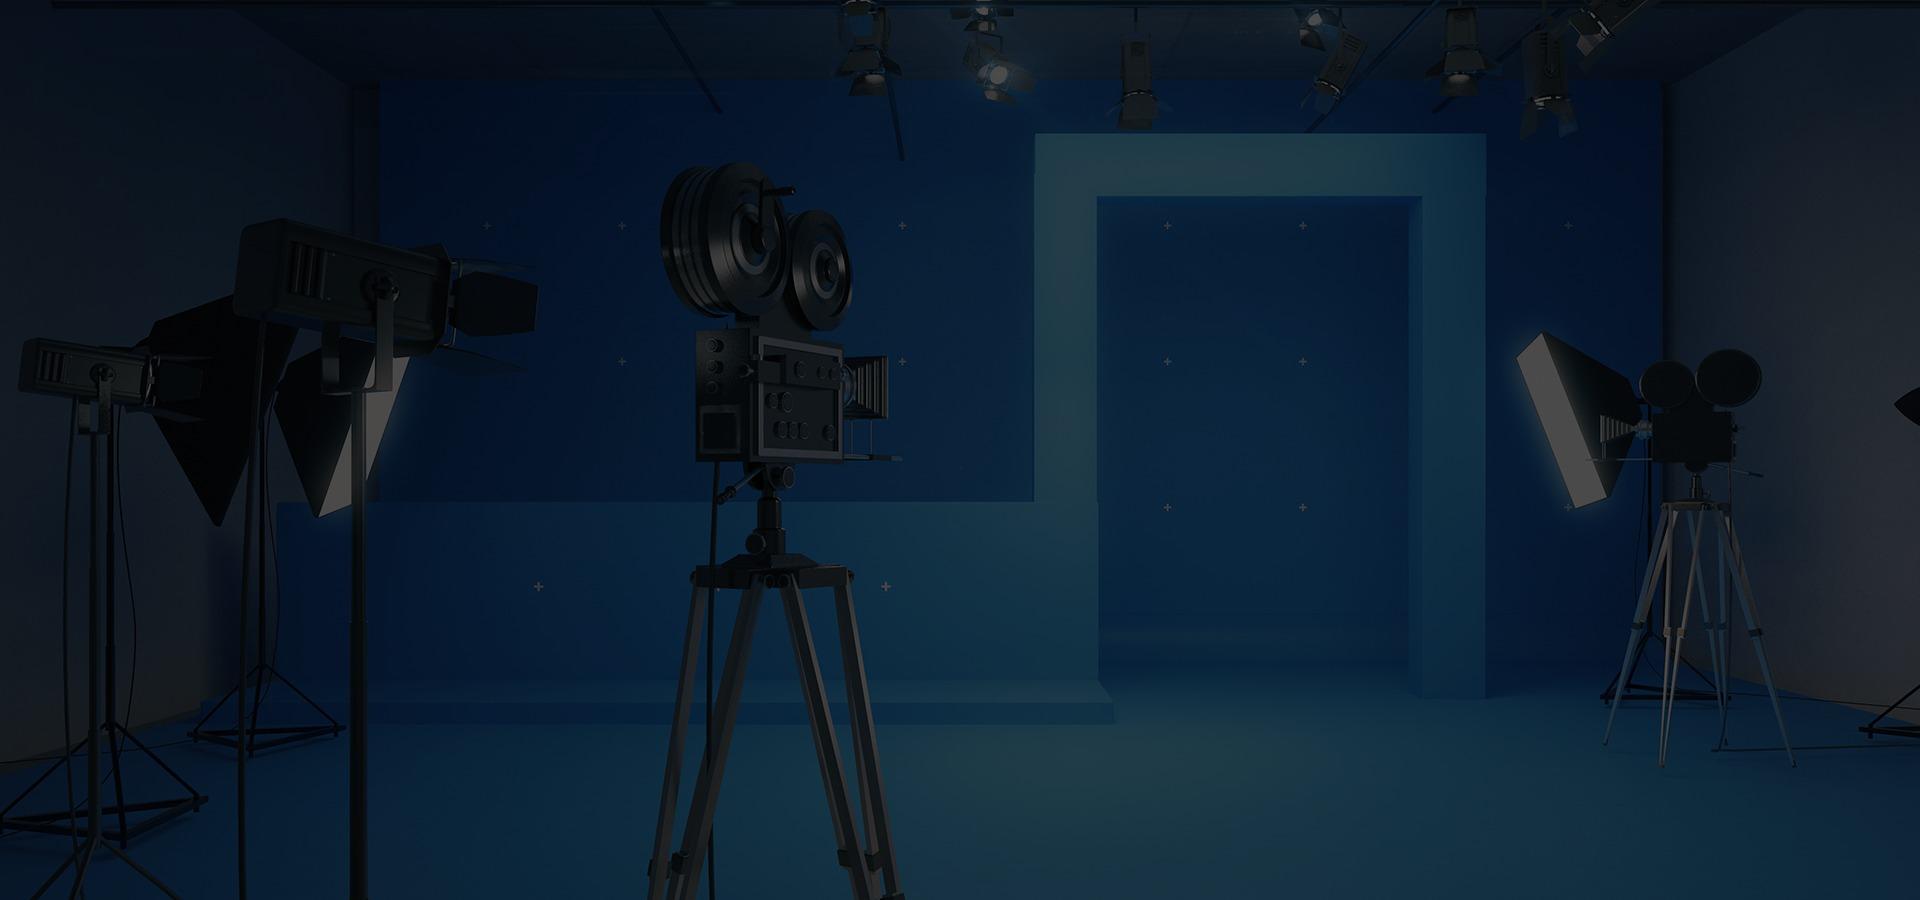 https://actedcity.com/wp-content/uploads/2020/07/film-studio-6.jpg